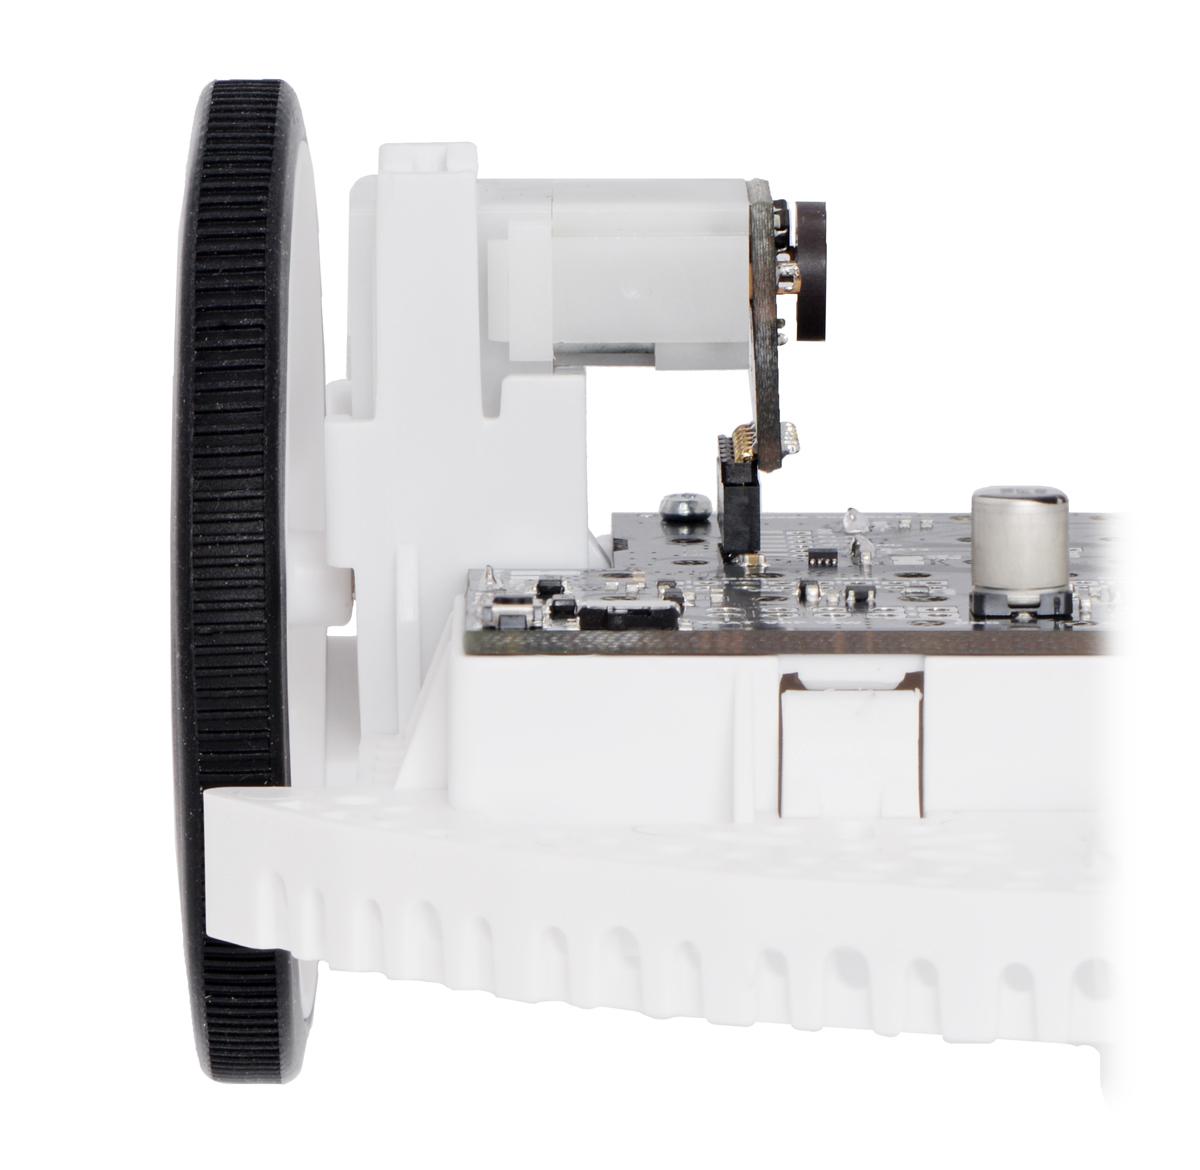 Gewindebohrer M22 x 1,5 Feingewindebohrer DIN 374 35°